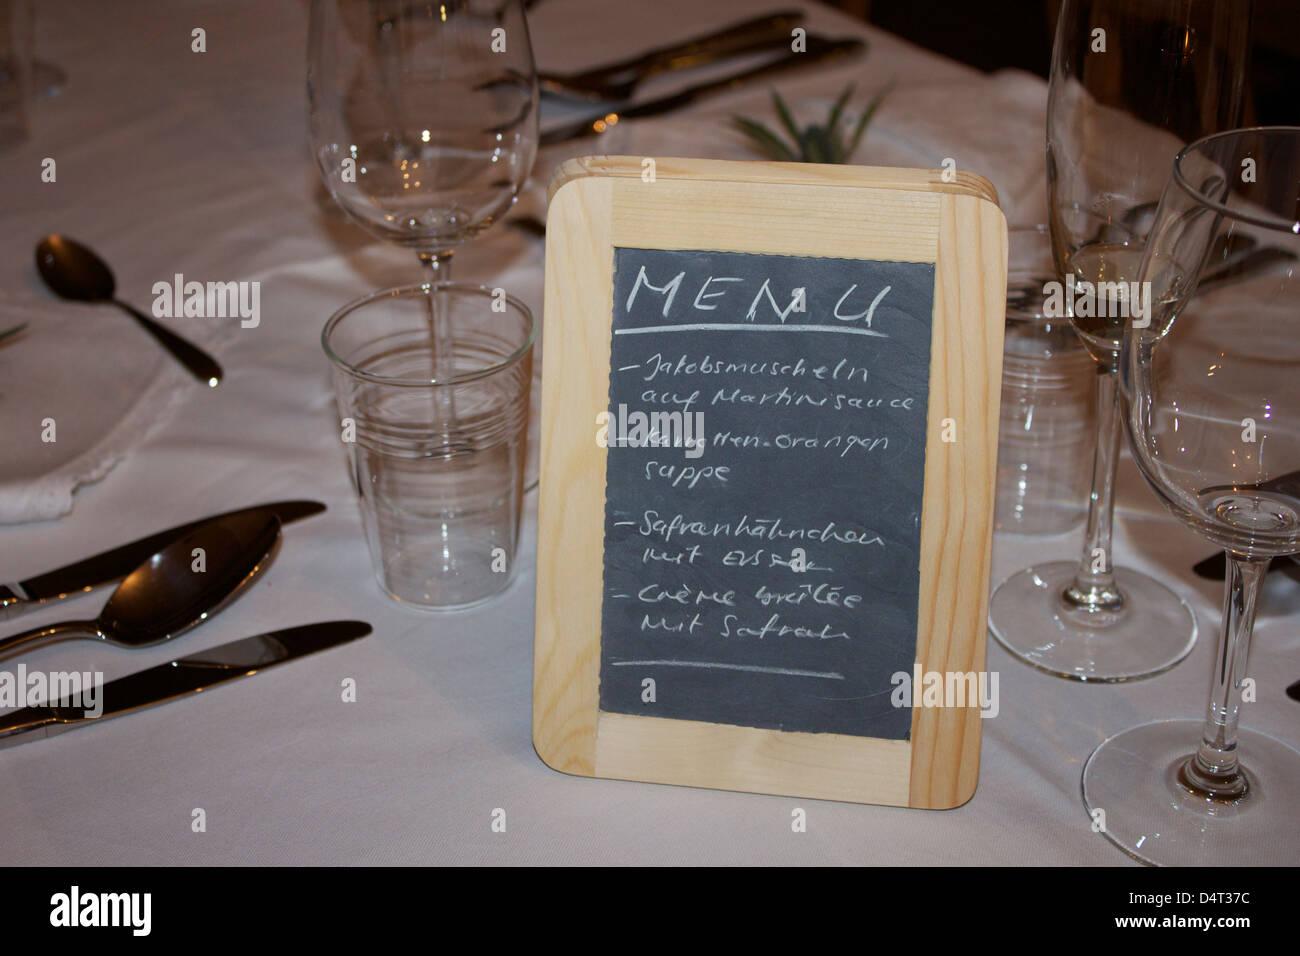 Ein Menü In Deutsch Auf Einer Tafel Auf Einem Weißen Tisch